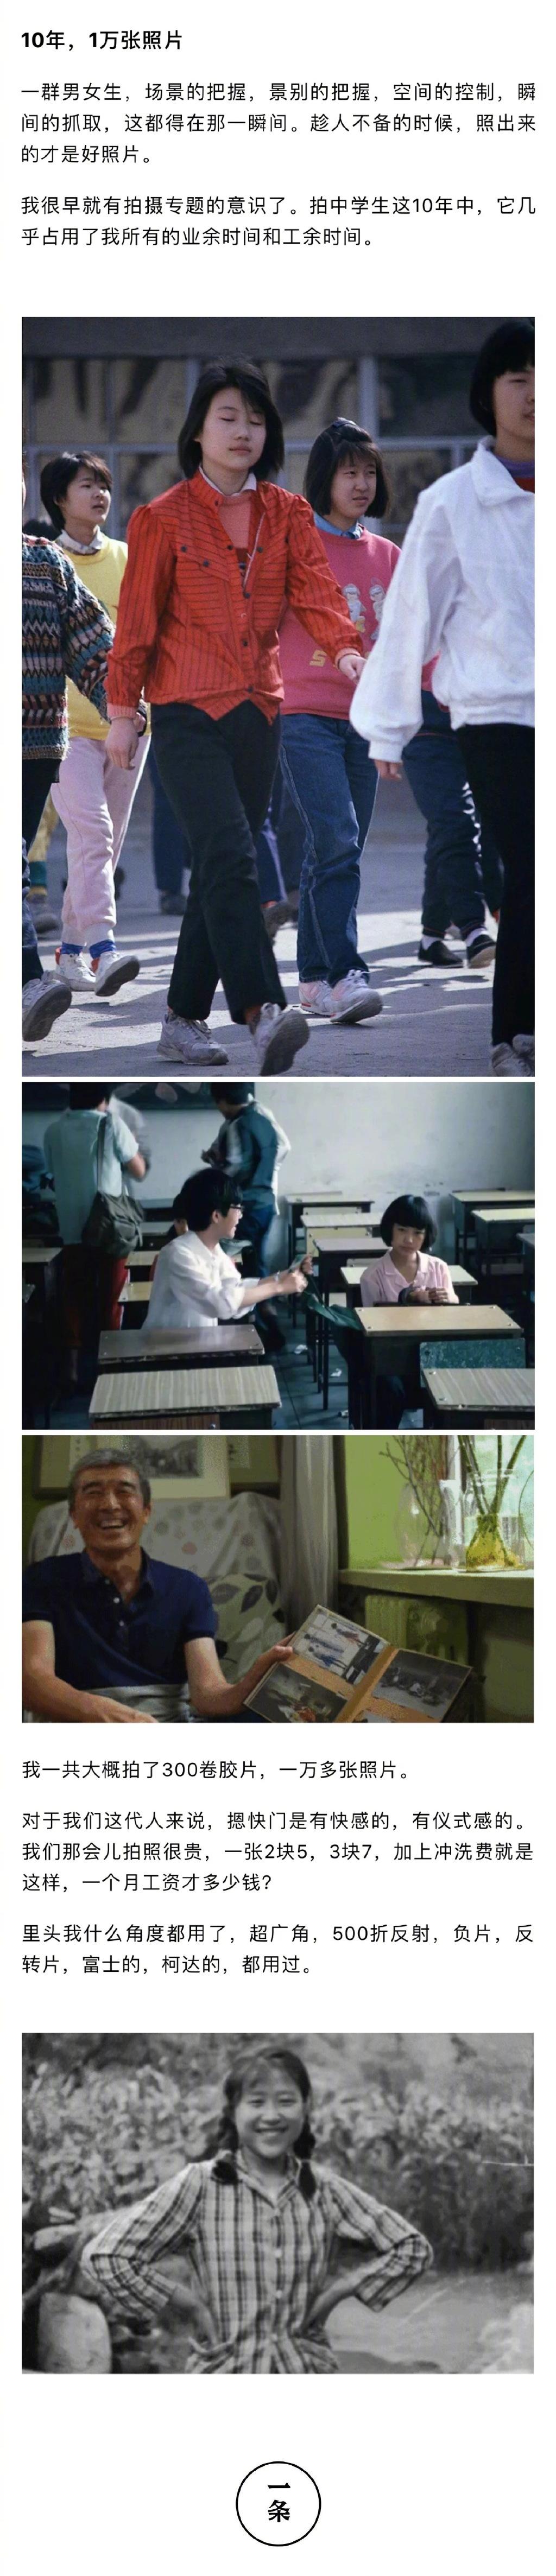 怀恋青春:这才是80年代的中学生